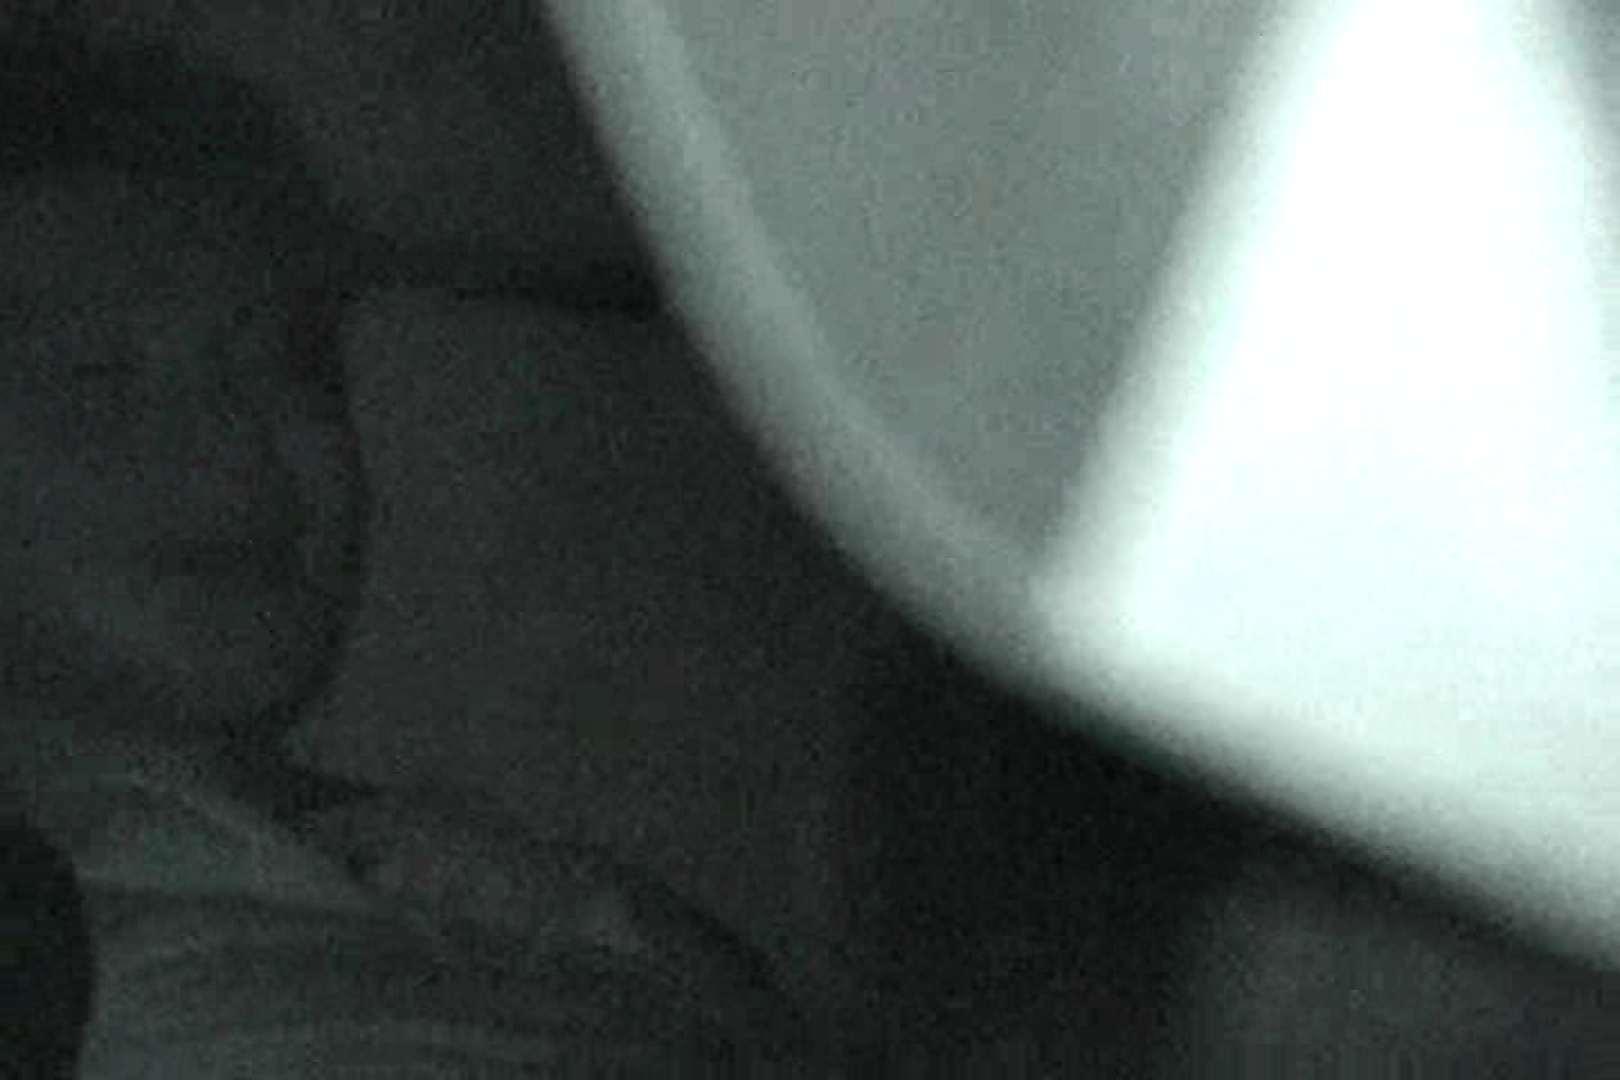 充血監督の深夜の運動会Vol.2 素人丸裸 おまんこ動画流出 84pic 18